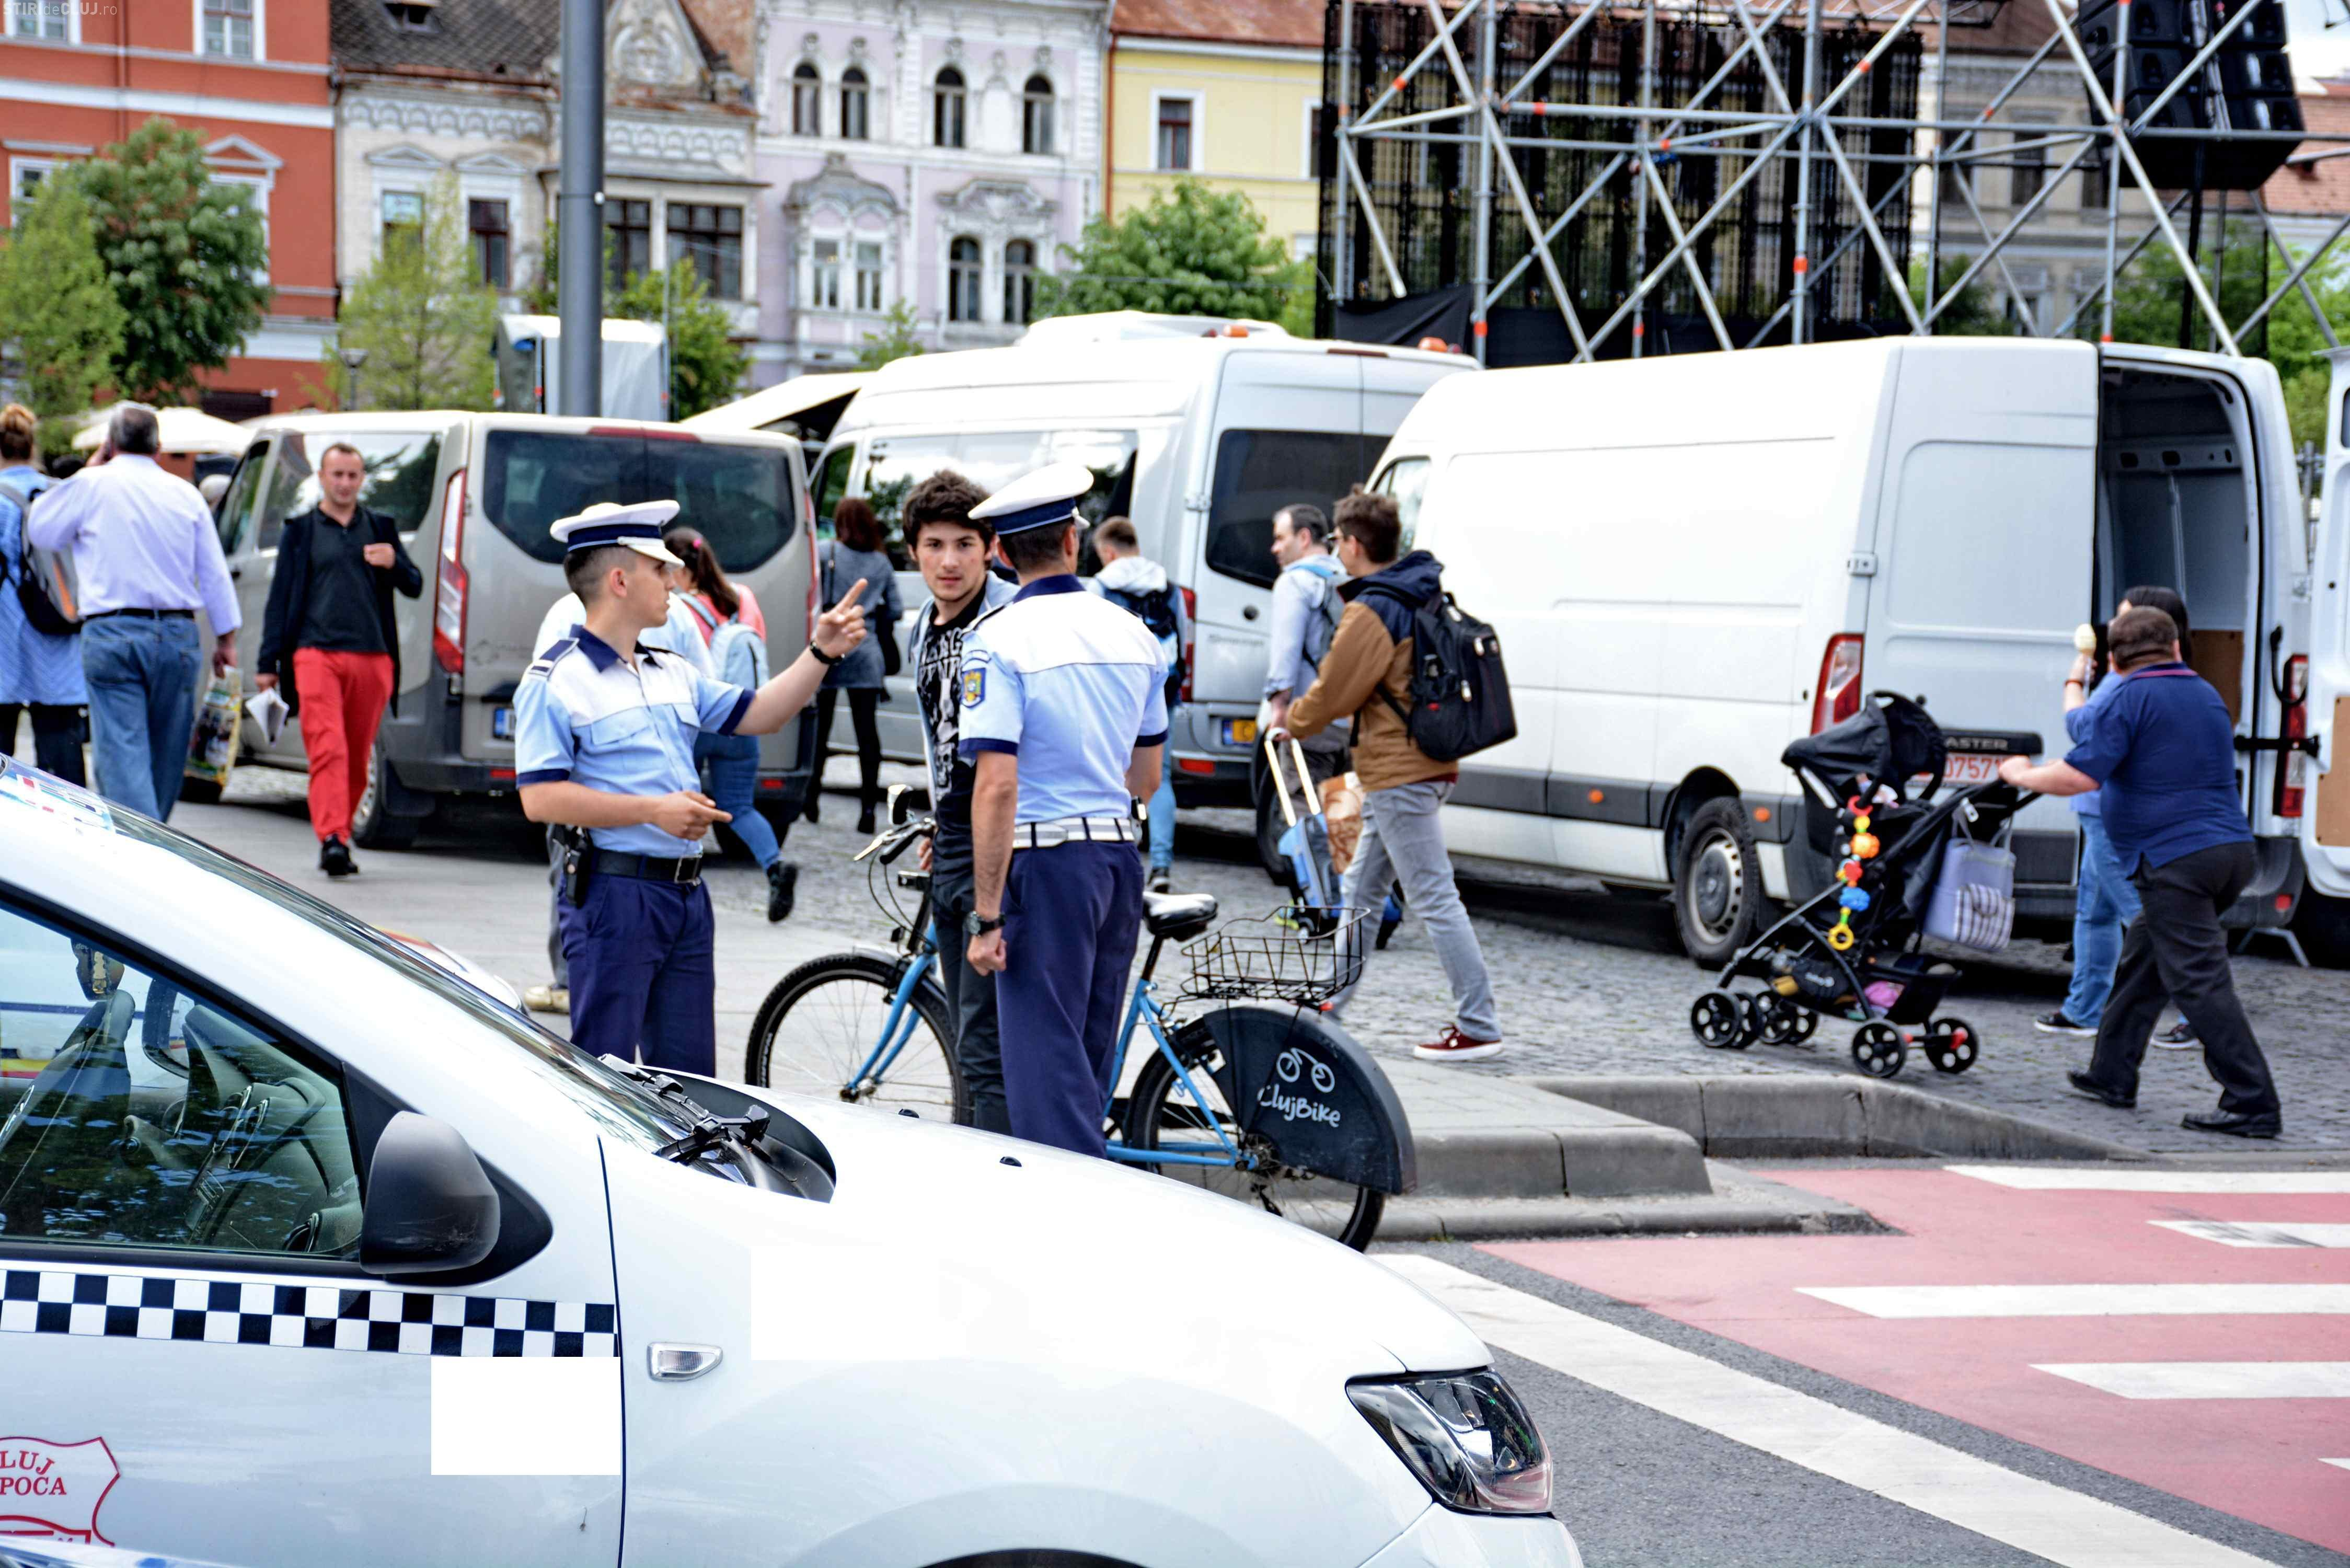 Protecție suplimentară în weekend, la Cluj, de zilele orașului. Ce recomandă polițiștii